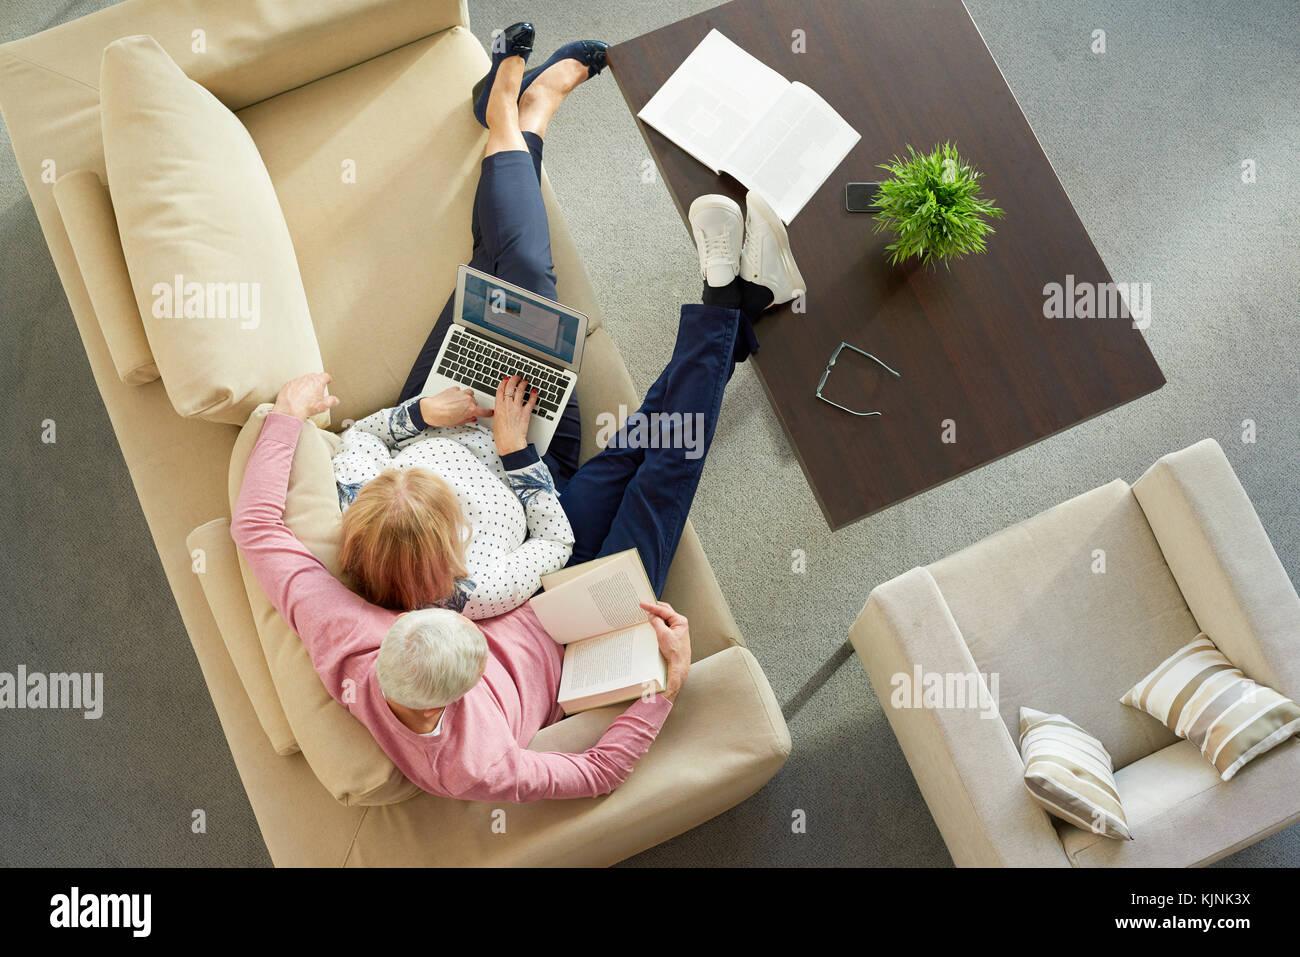 Alta angolazione di una coppia di anziani seduti a casa e rilassante